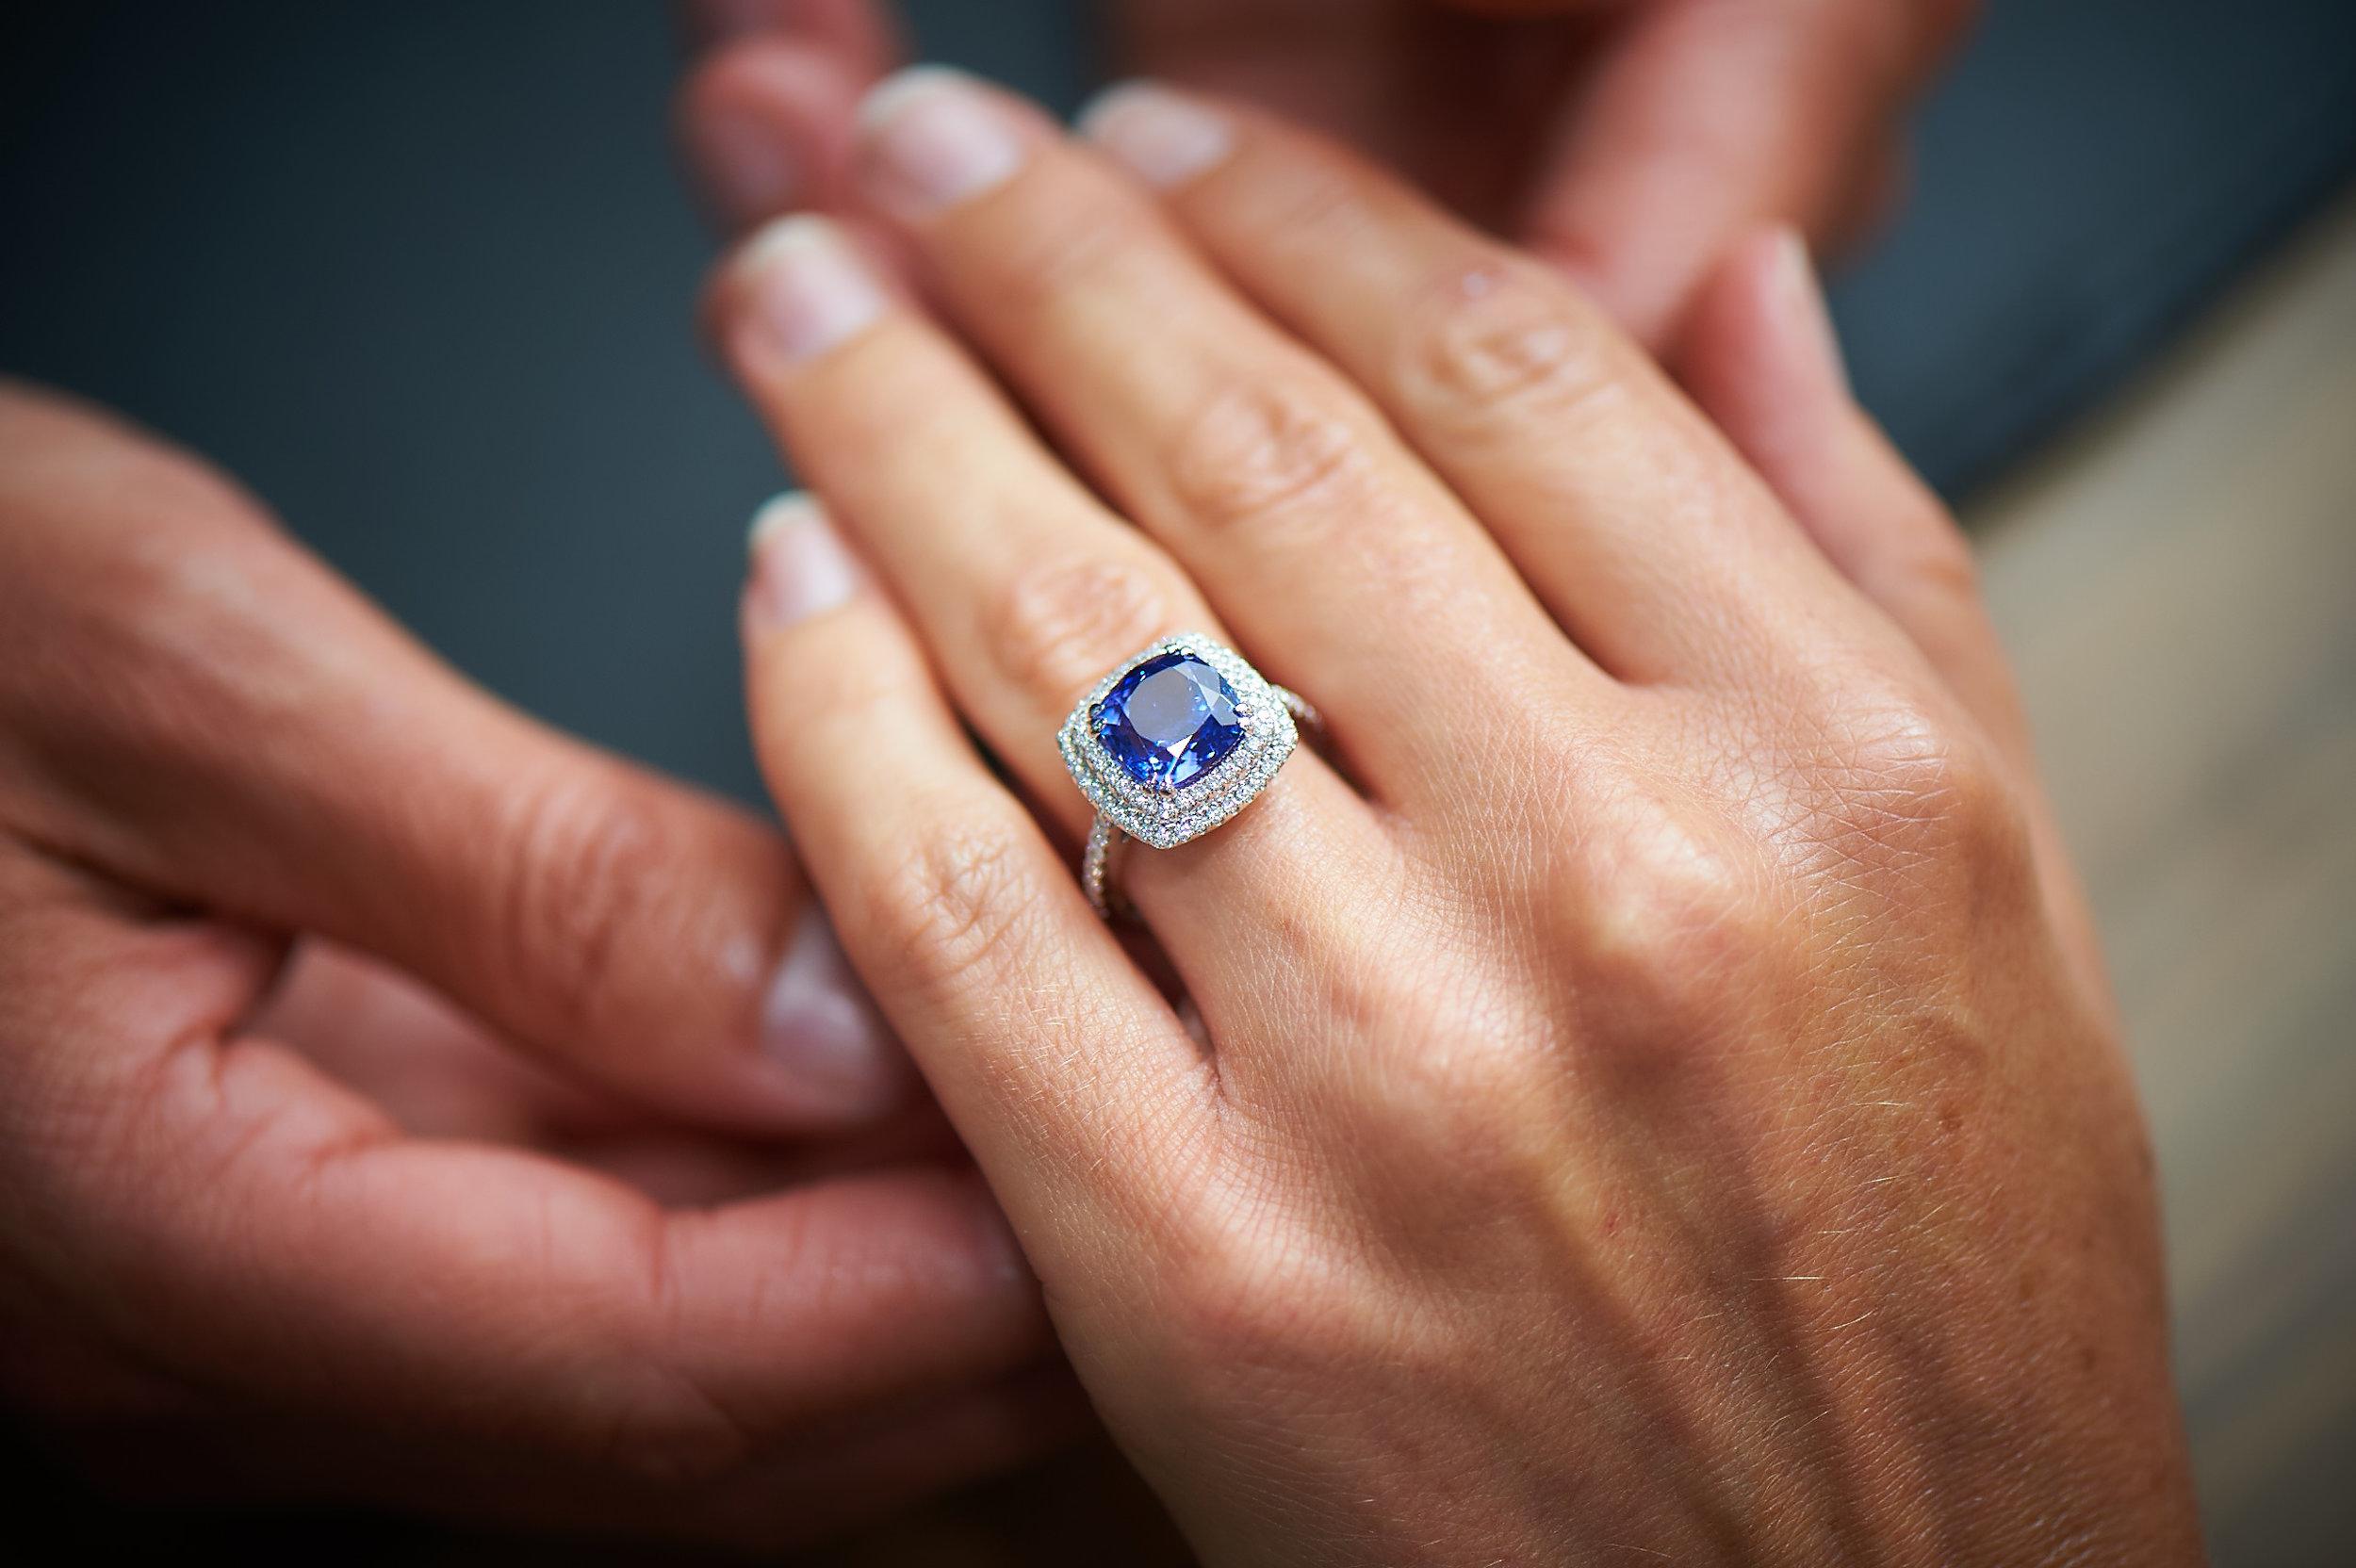 bespoke tanzanite engagement ring